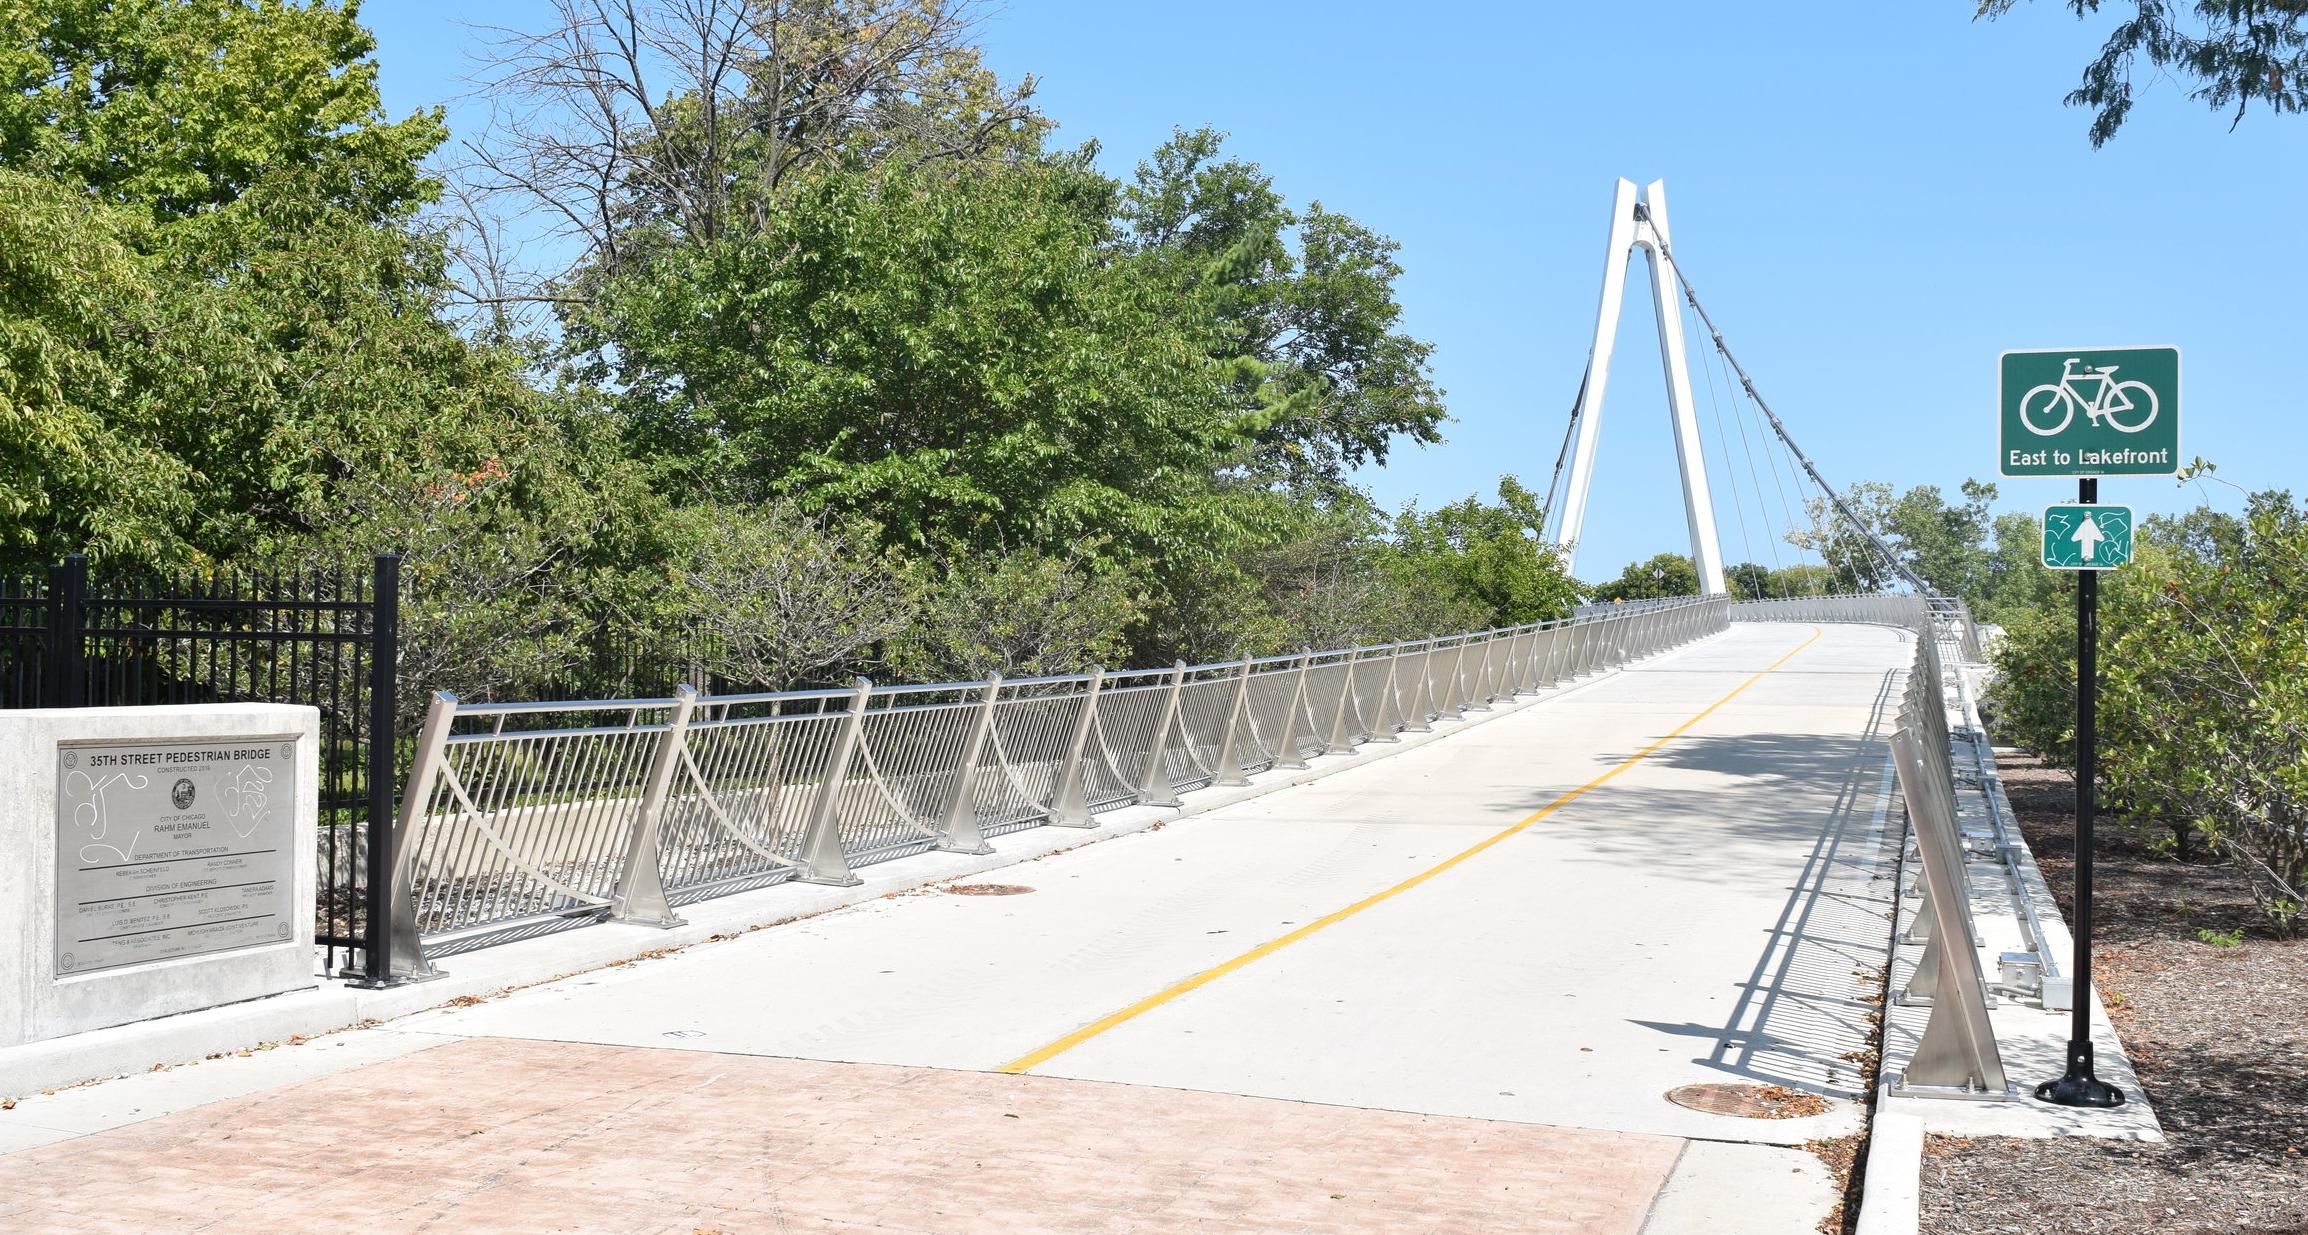 35th Street Bridge